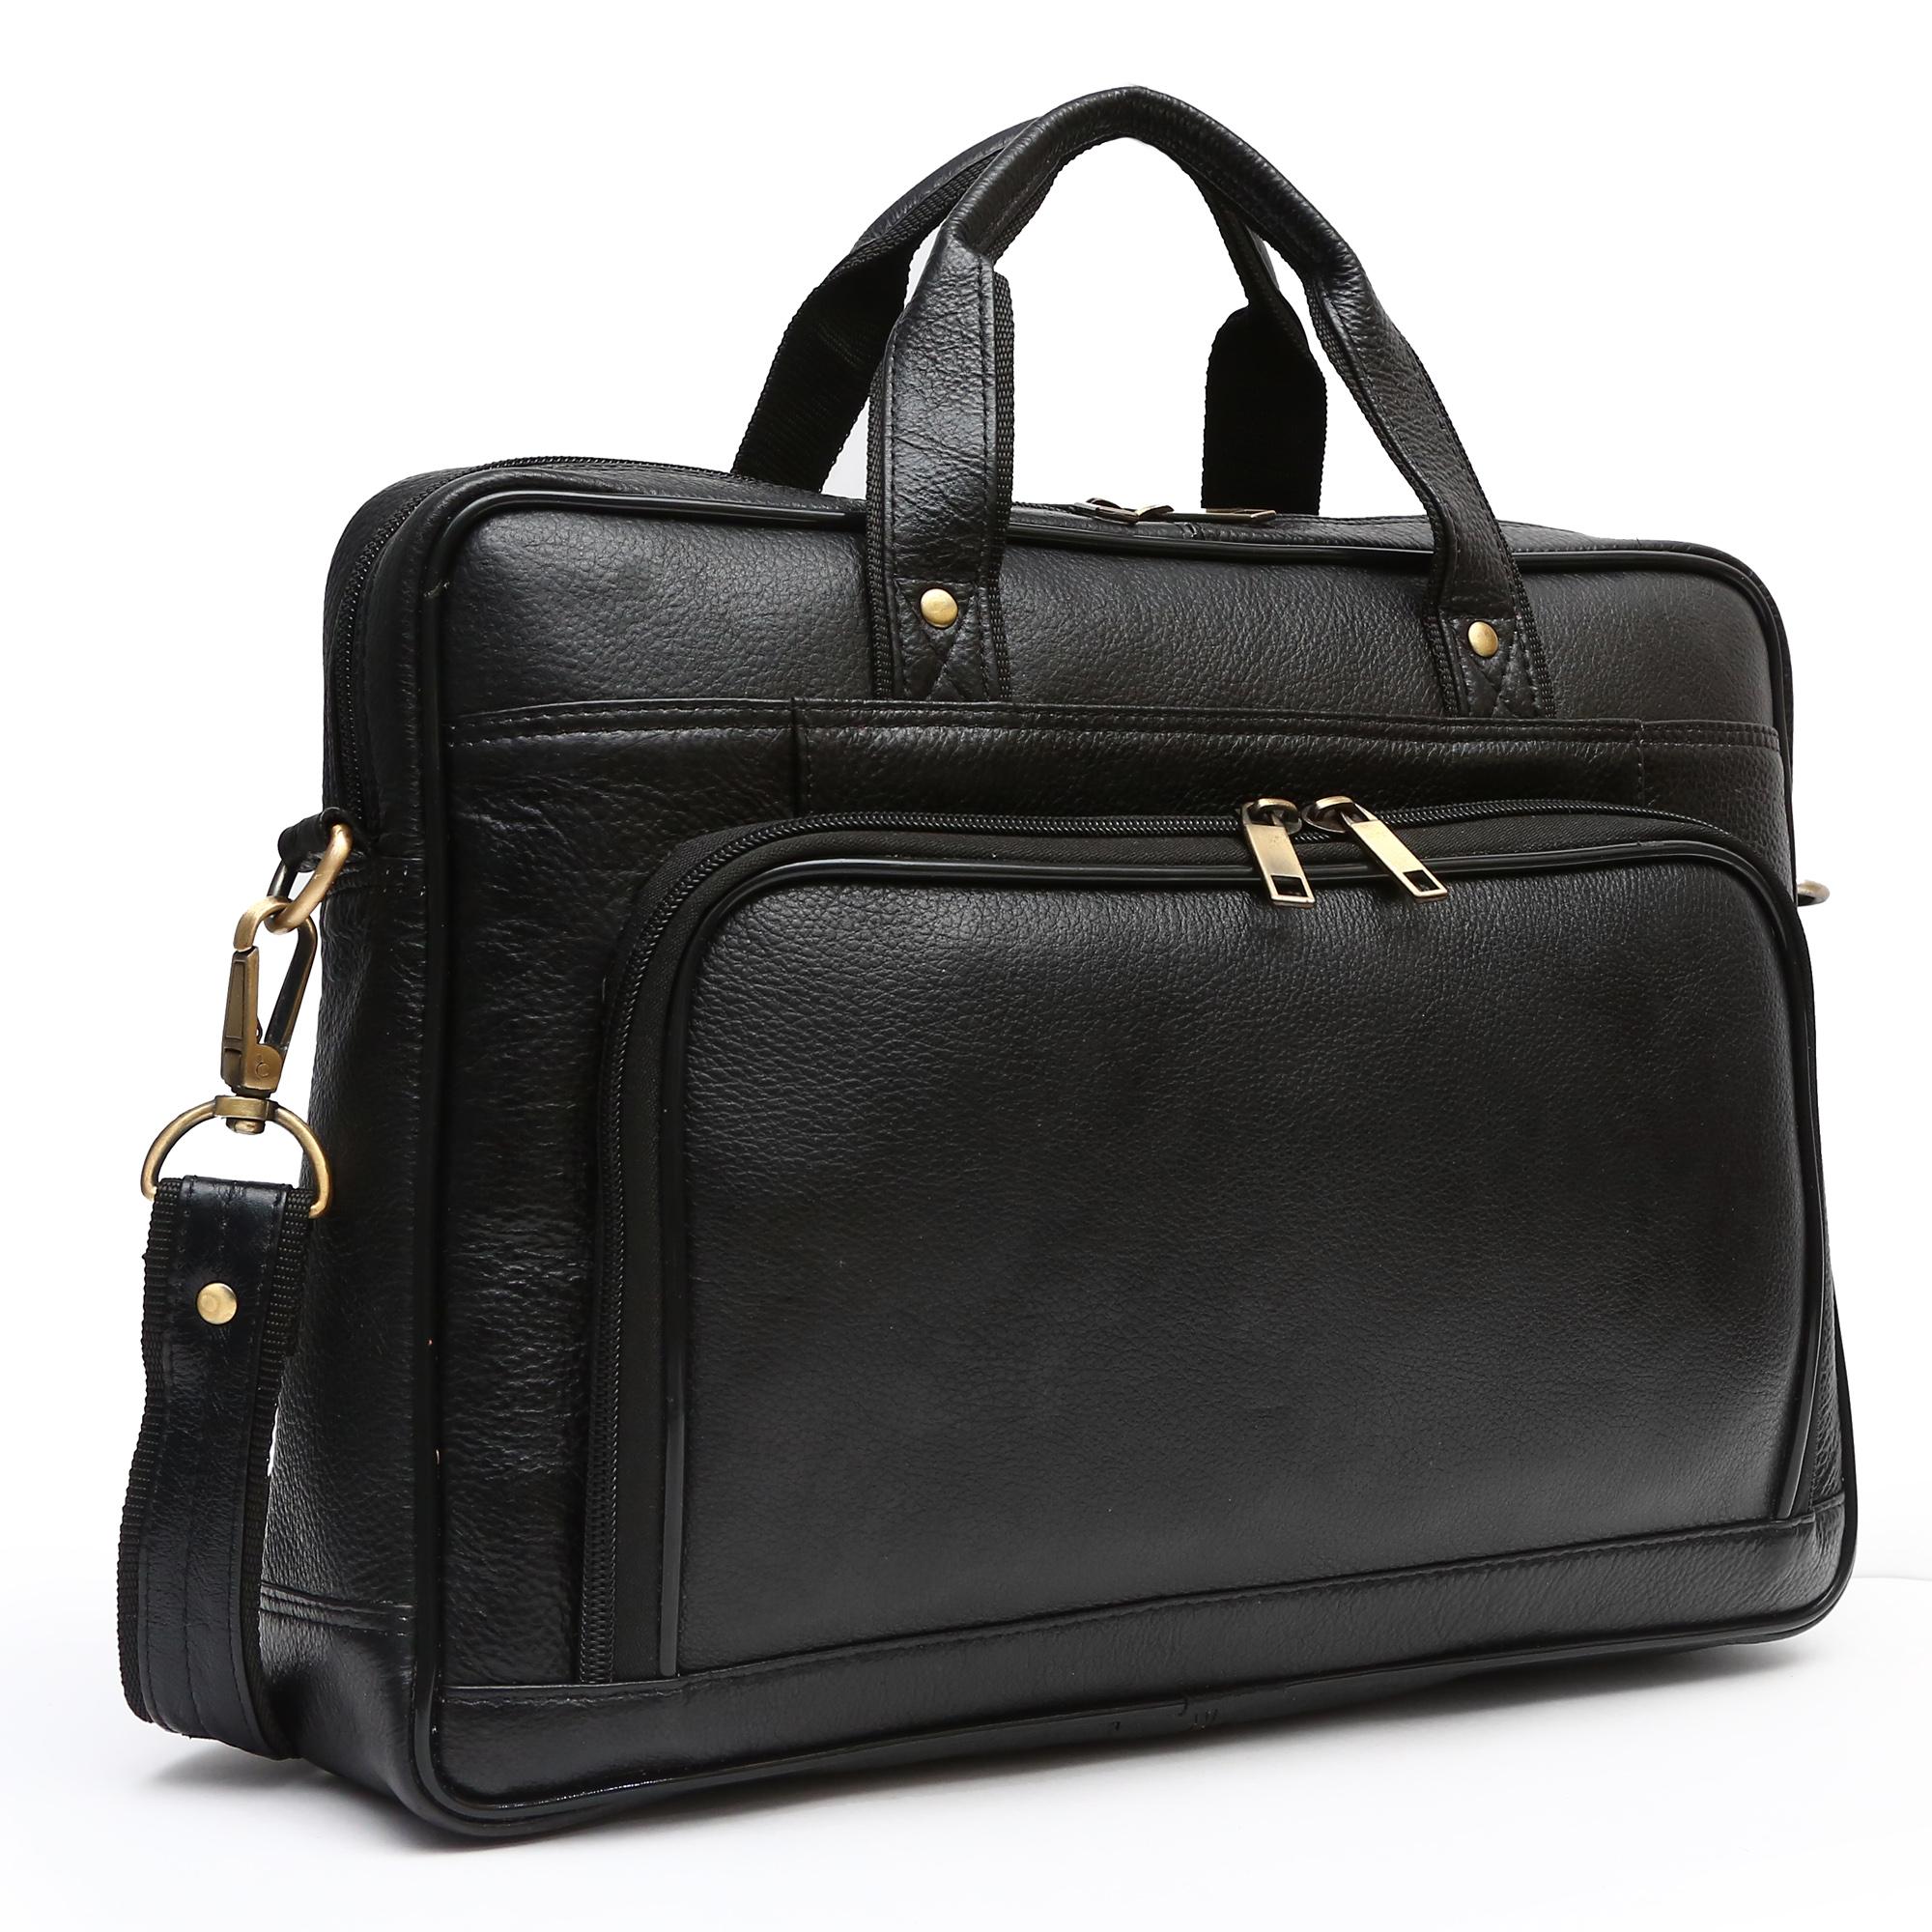 Golden Leaf 14 inch Laptop Messenger Bag  Black